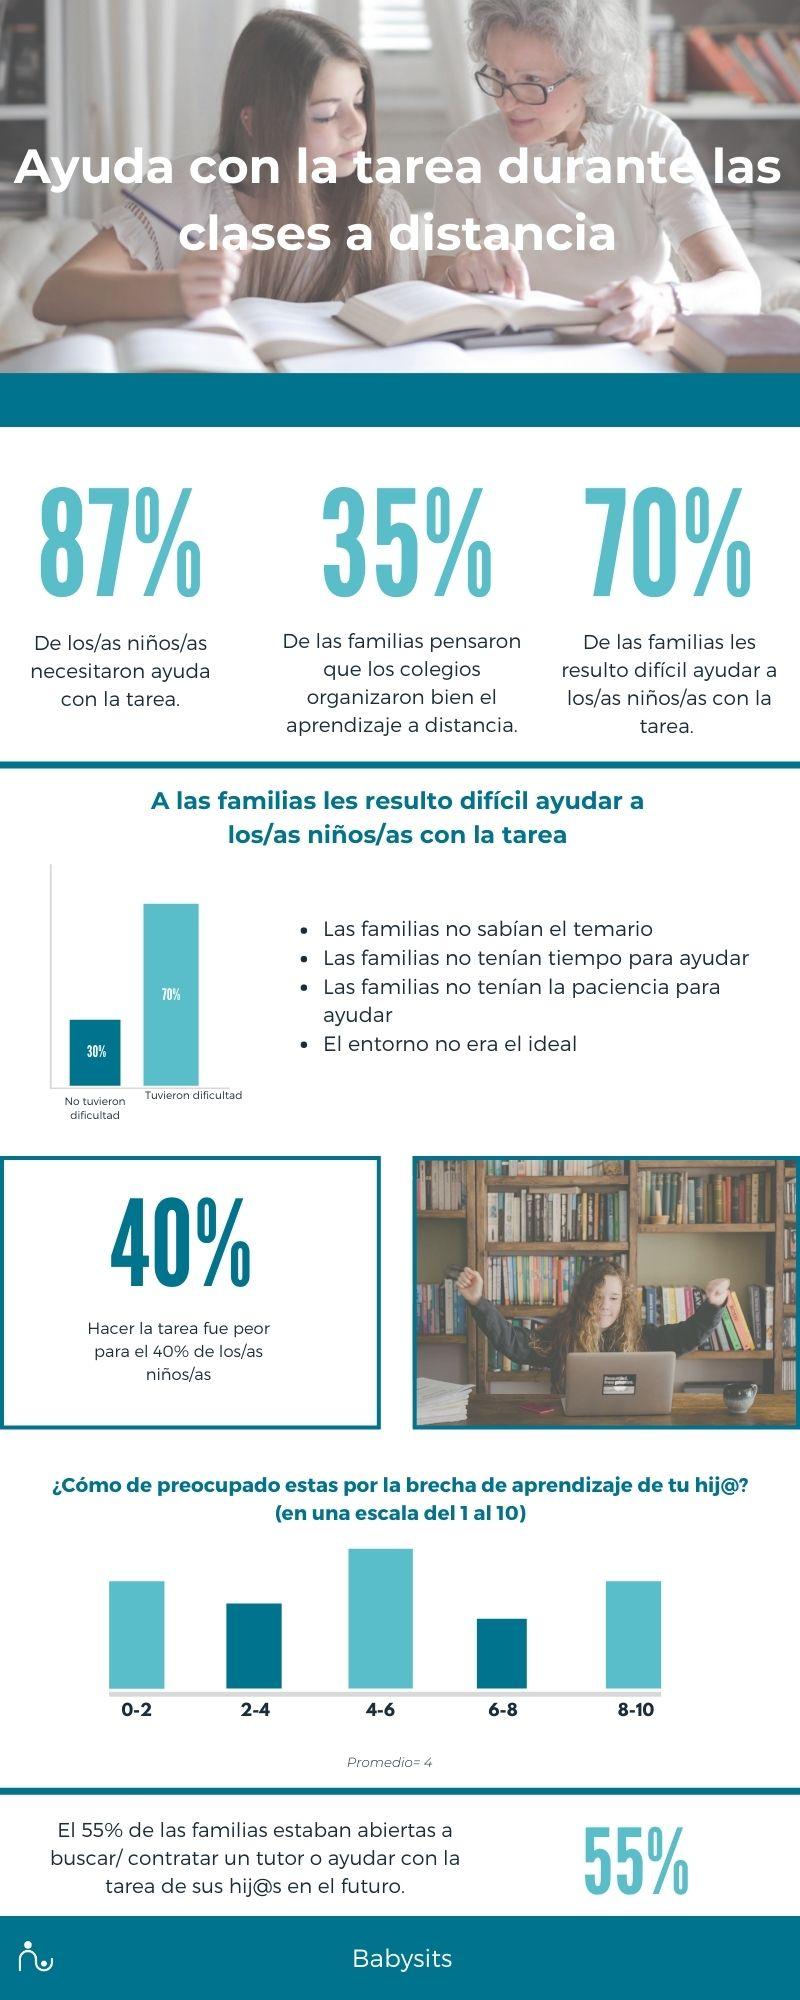 Infografia sobre la experiencia de las familias y el aprendizaje a distancia